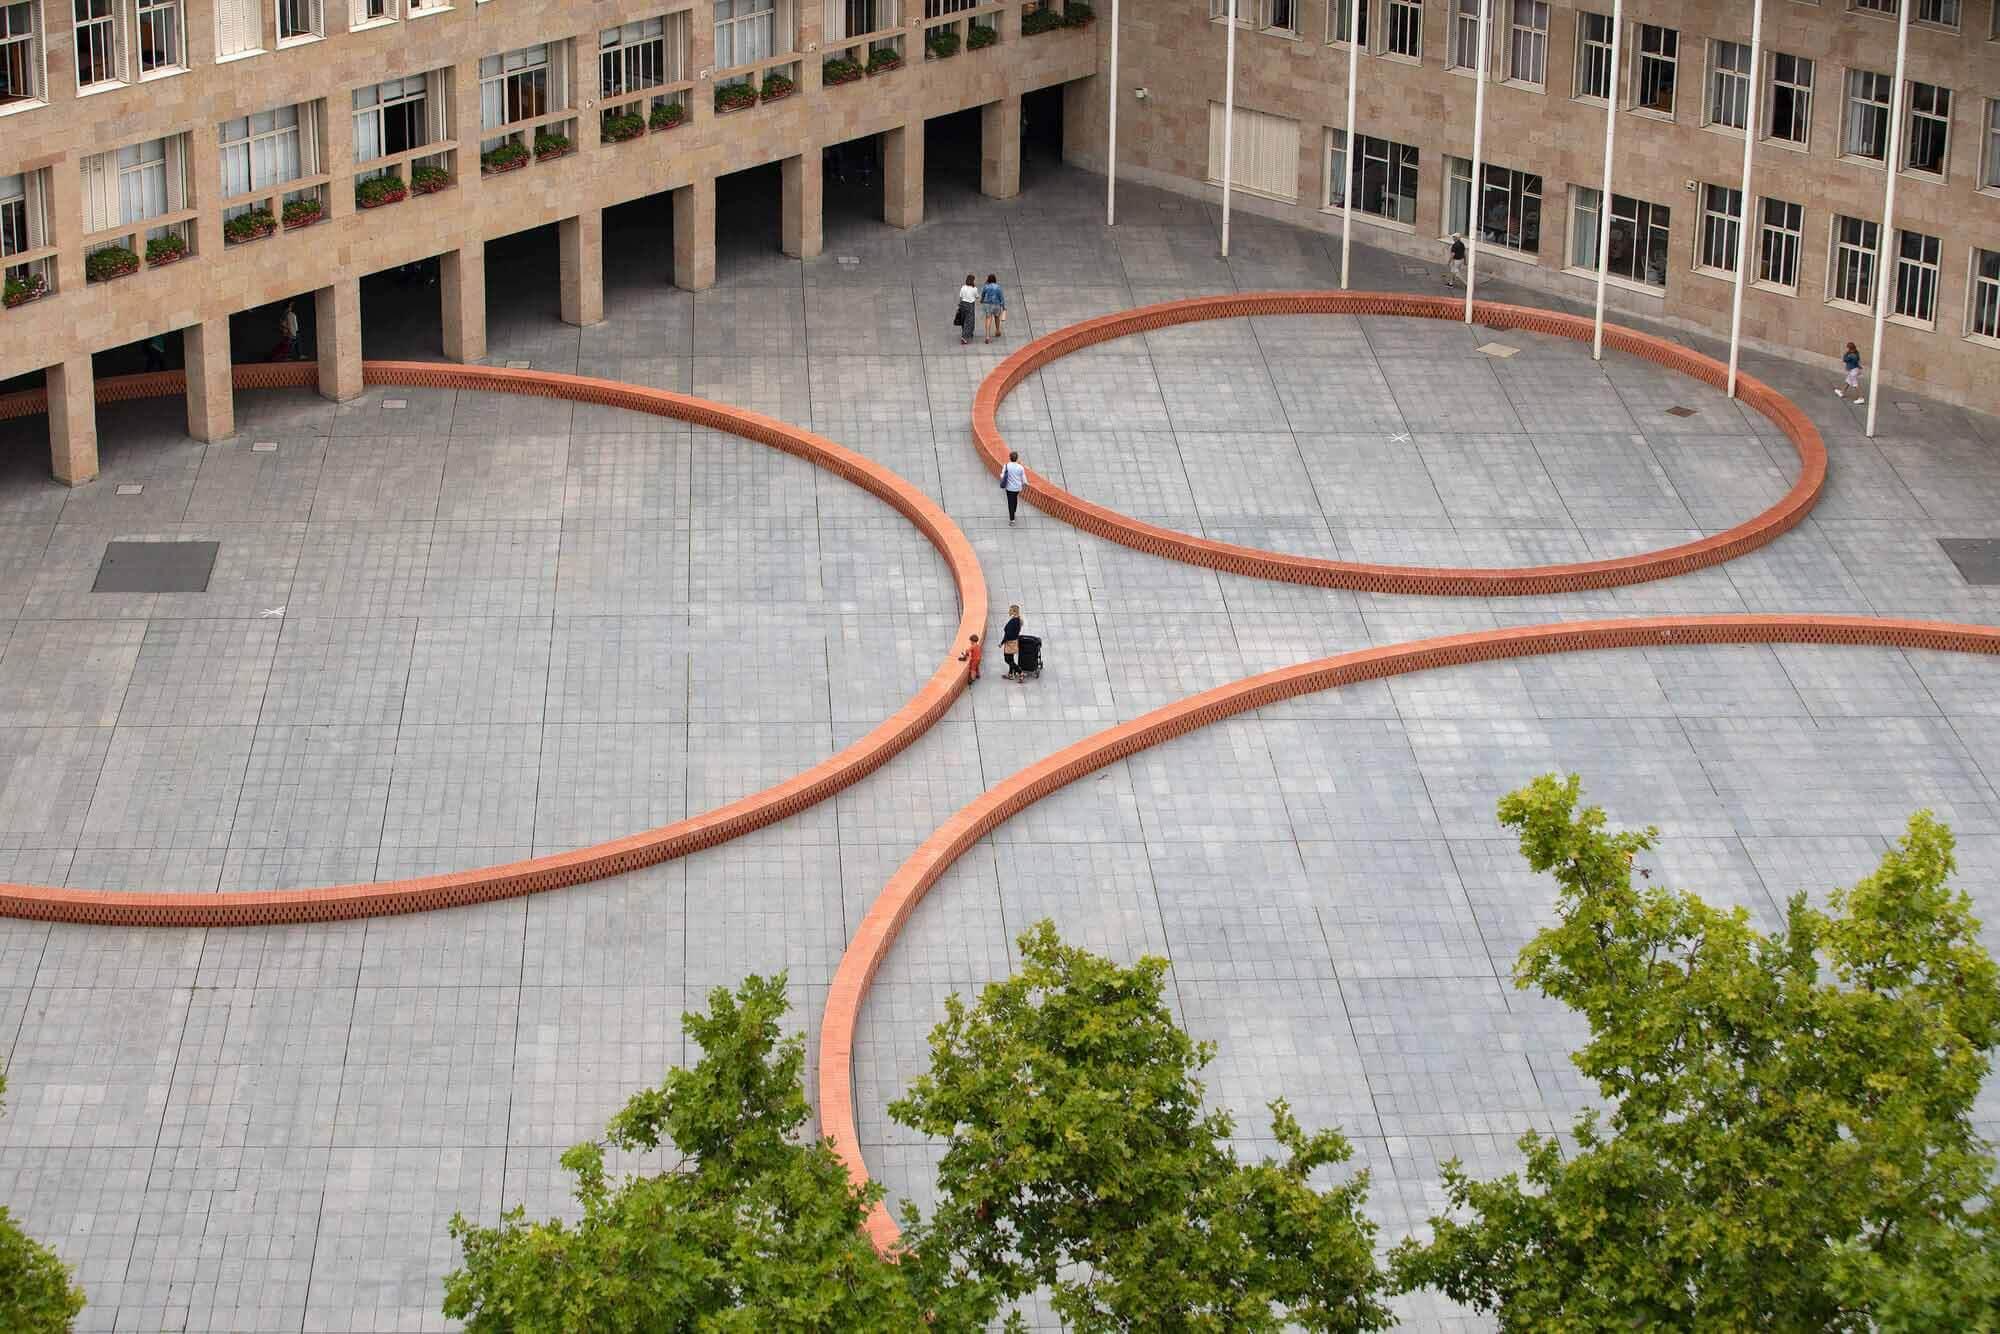 Основные моменты Concéntrico 07: устойчивость, пространственный опыт и новые чтения общественных пространств